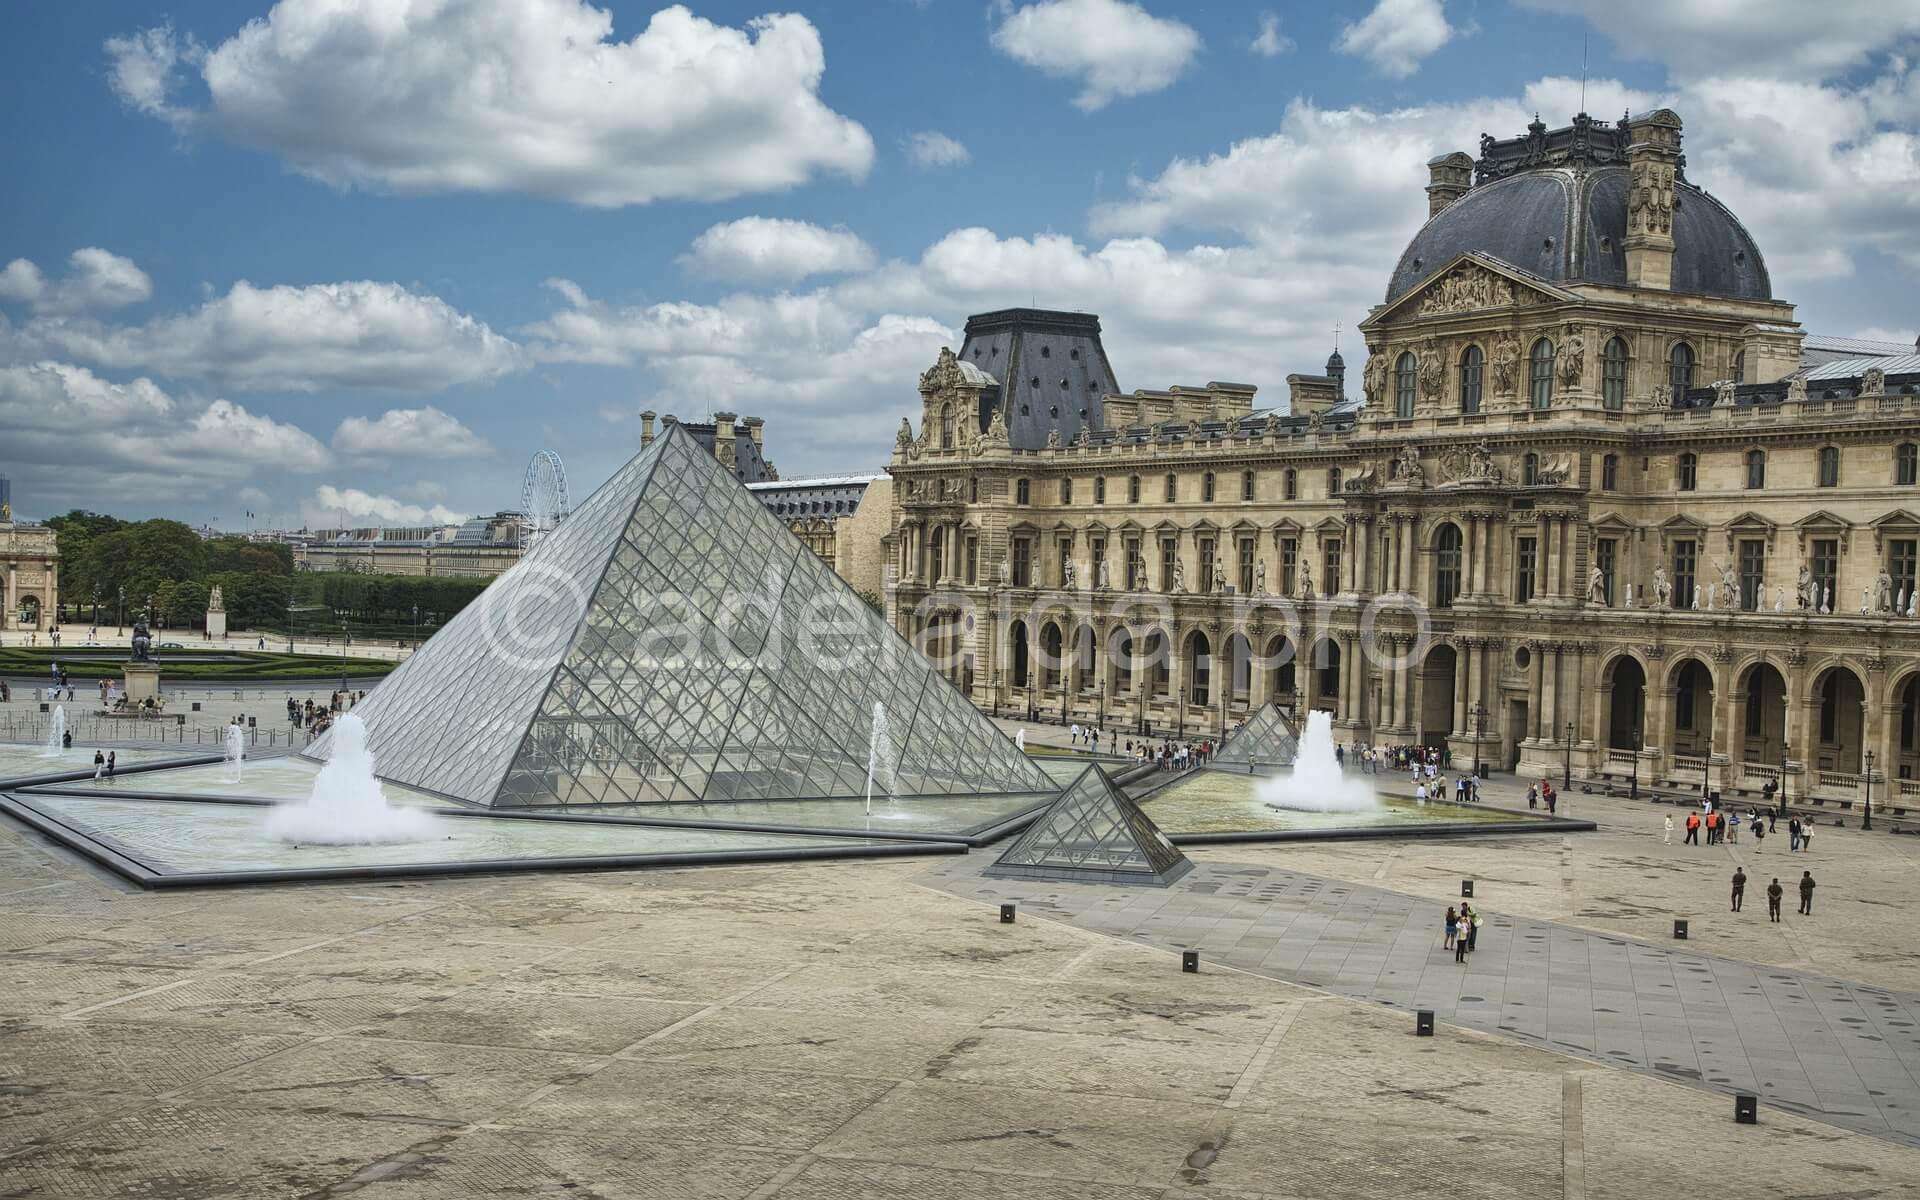 Внутренний двор Лувра, Прозрачная пирамида — вход в Лувр